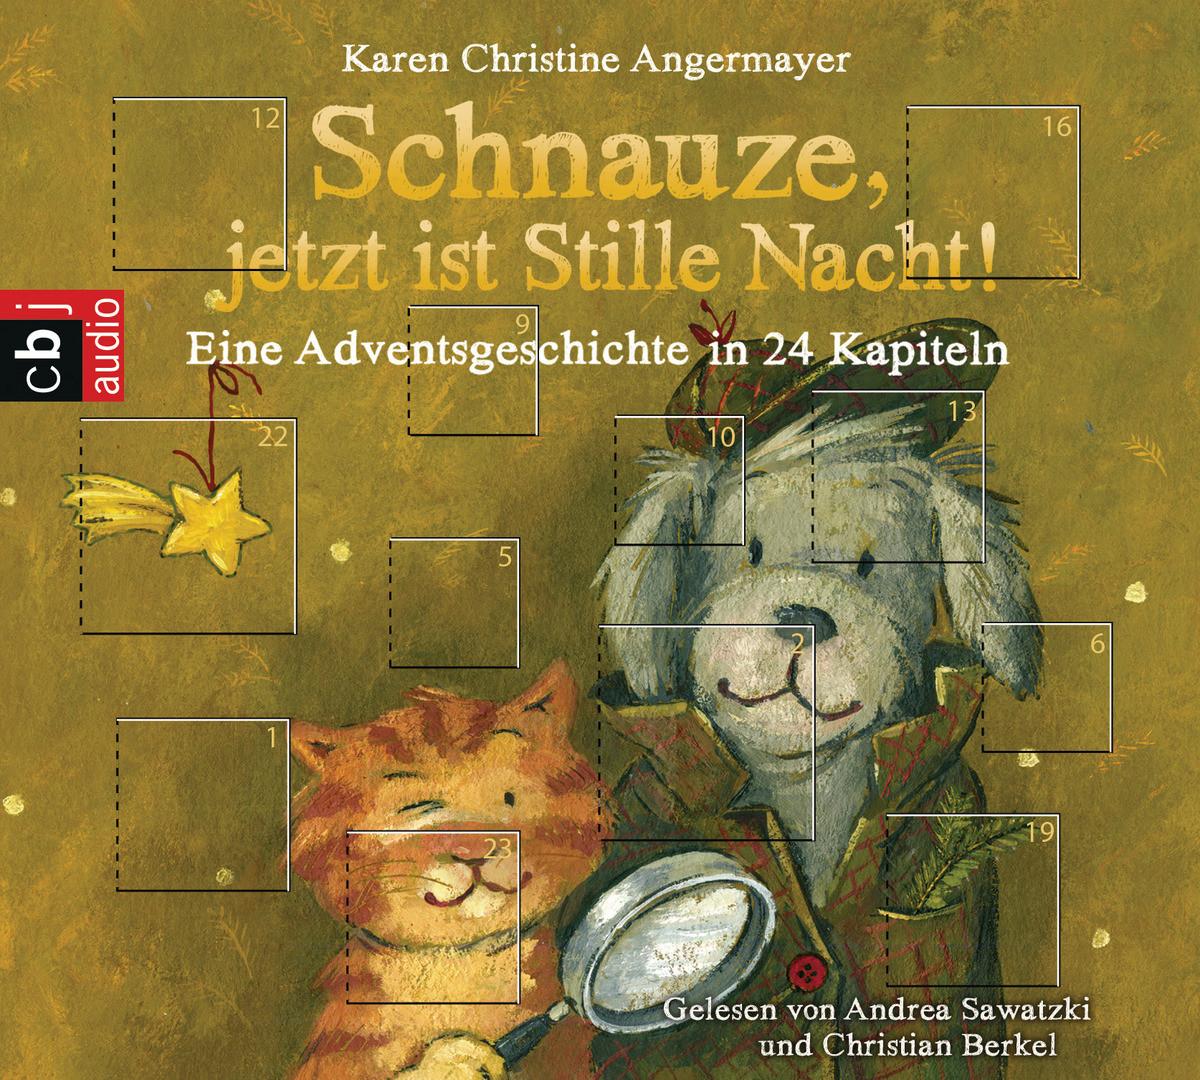 Karen Christine Angermayer - Schnauze, jetzt ist Stille Nacht! Eine Adventsgeschichte in 24 Kapiteln